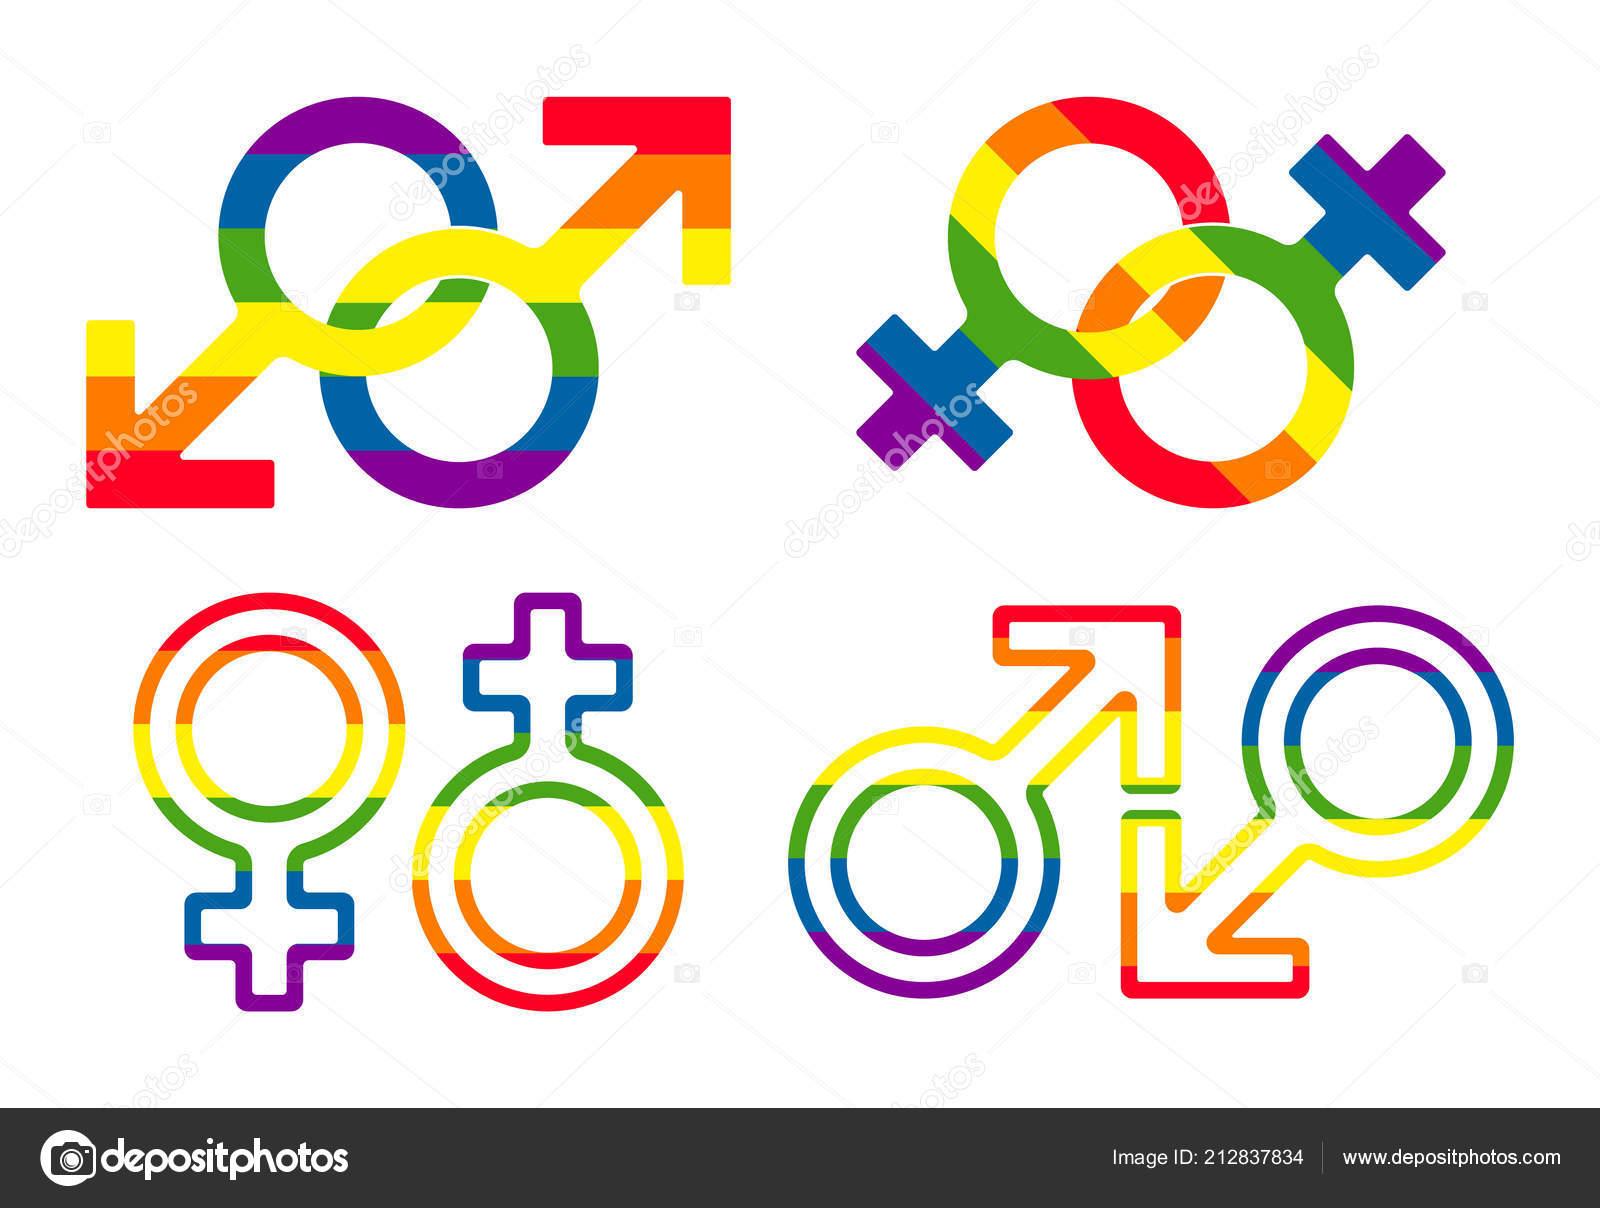 Que es orientacion homosexual statistics